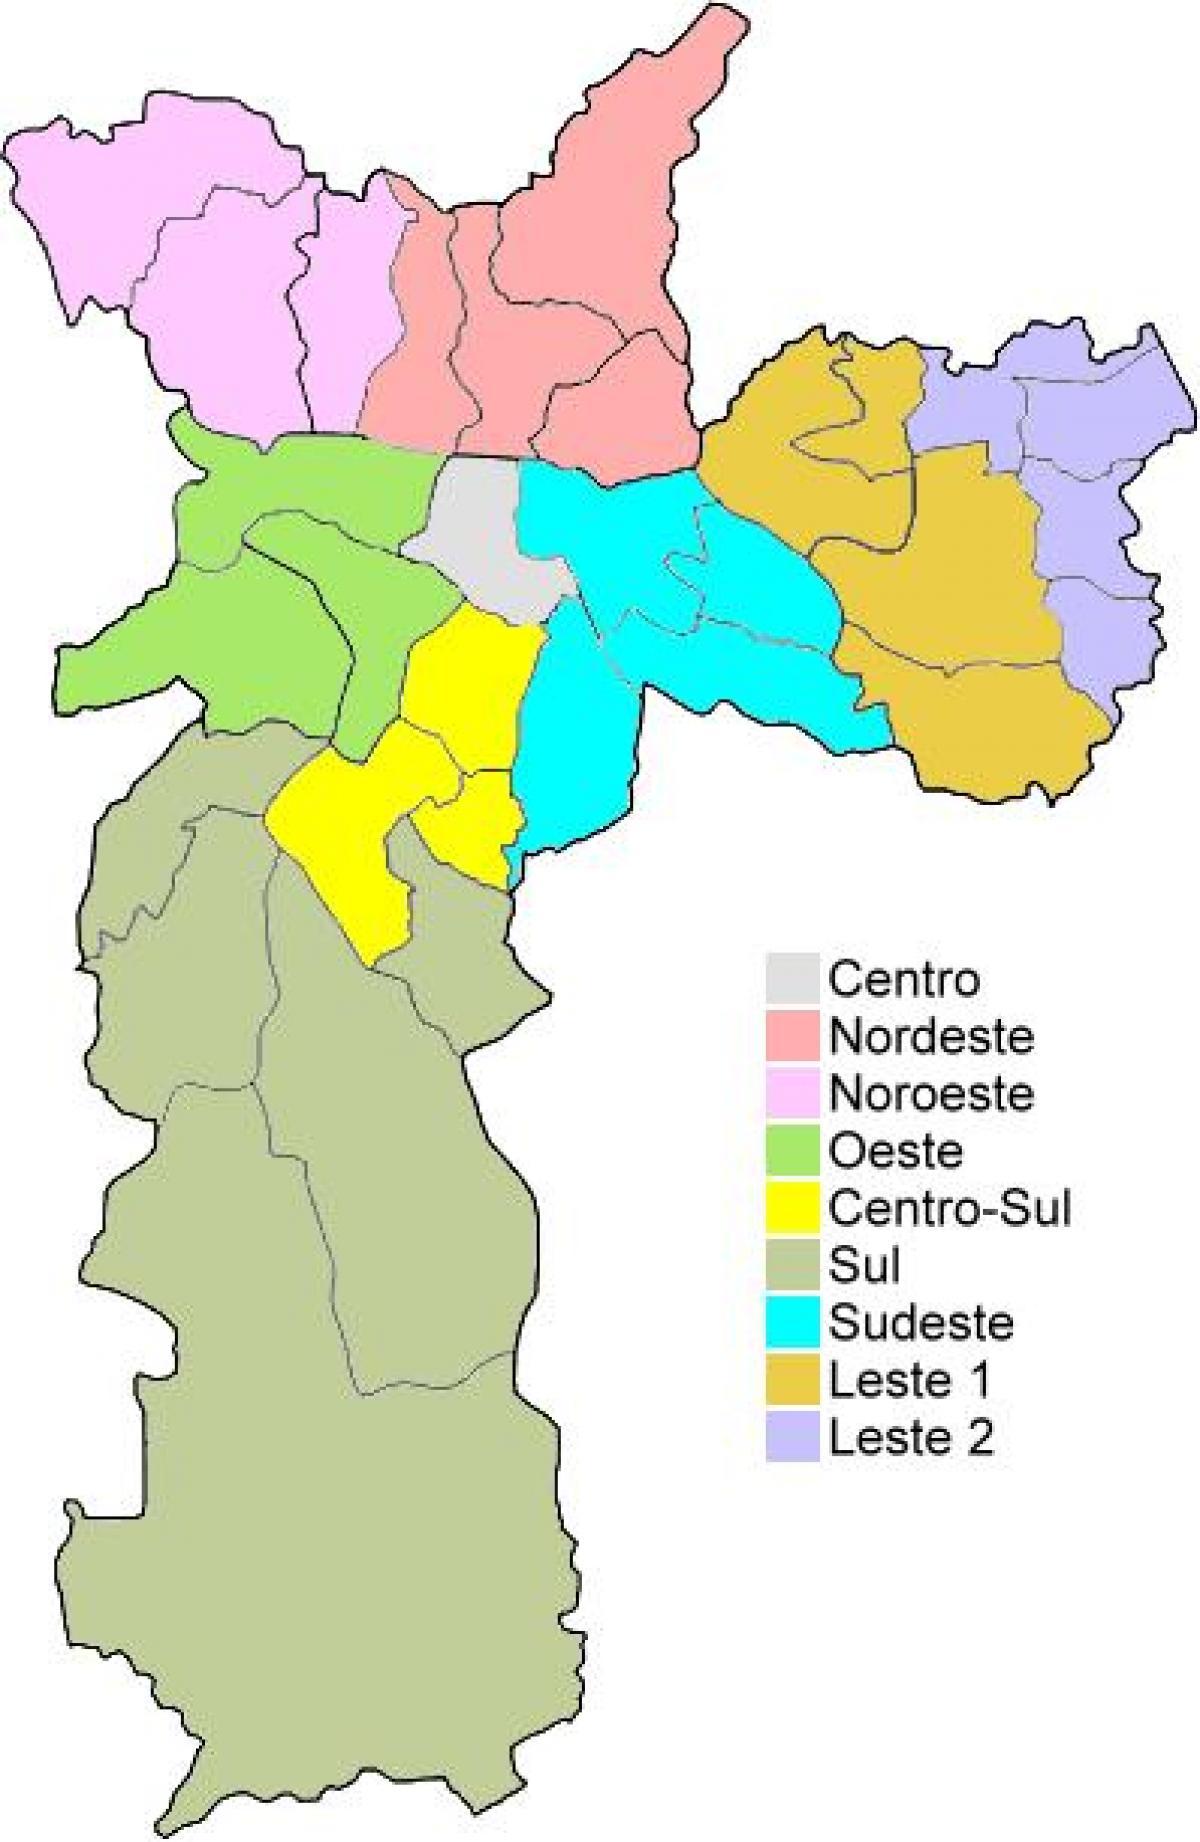 249ac3f00 Regiões administrativas de São Paulo mapa - Mapa das regiões ...